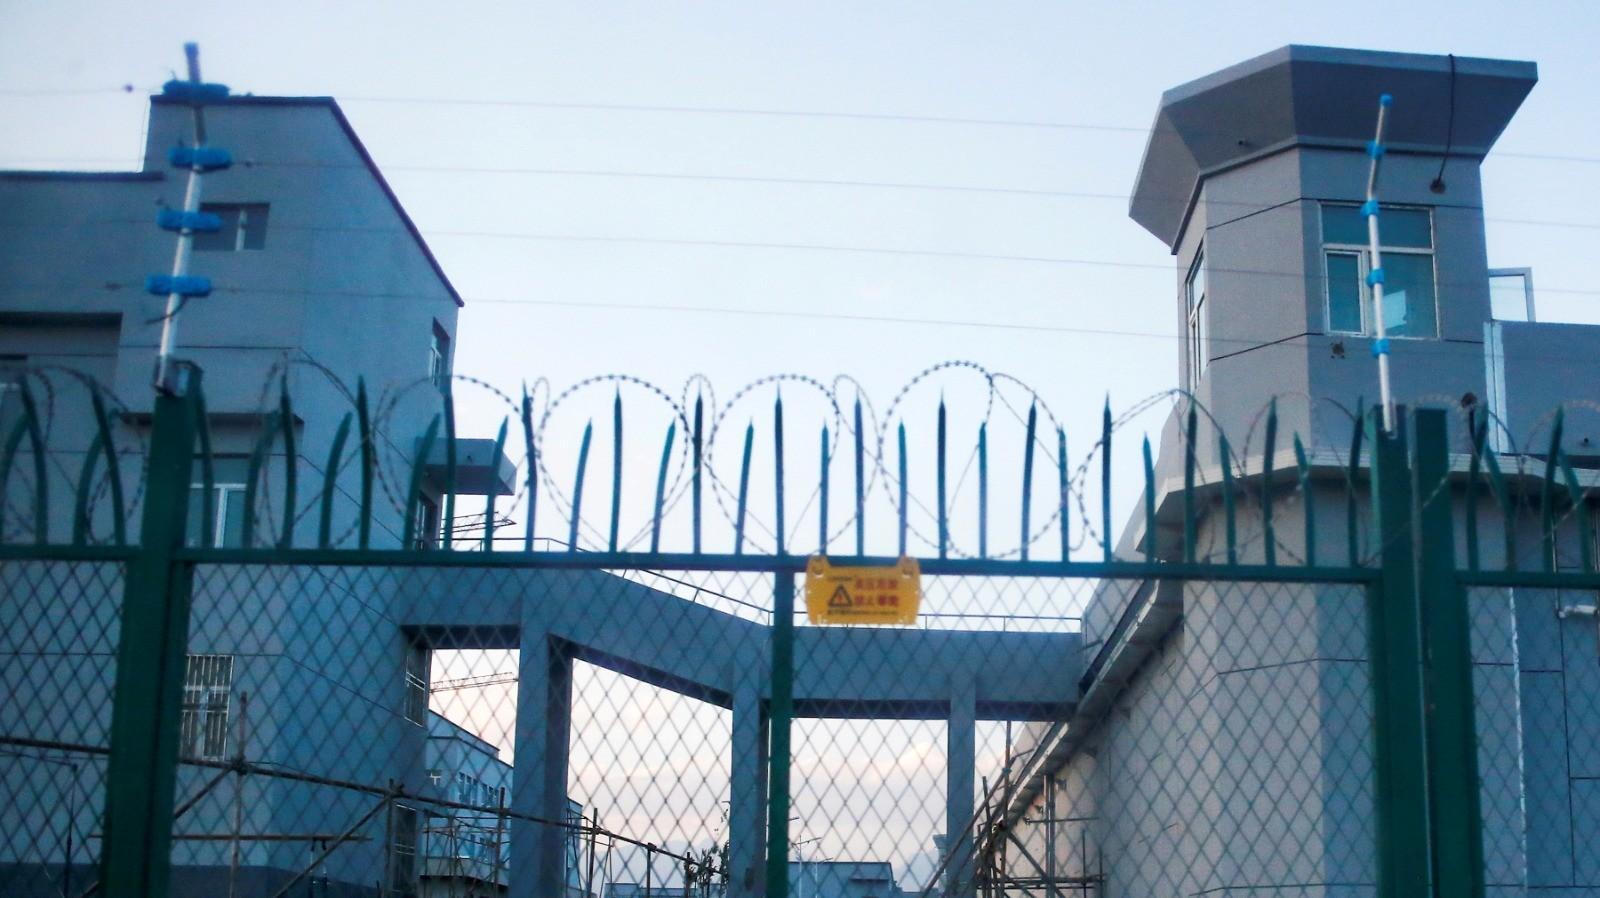 מחנה מעצר במחוז שינג'יאנג, סין, 4 בספטמבר 2018. רויטרס